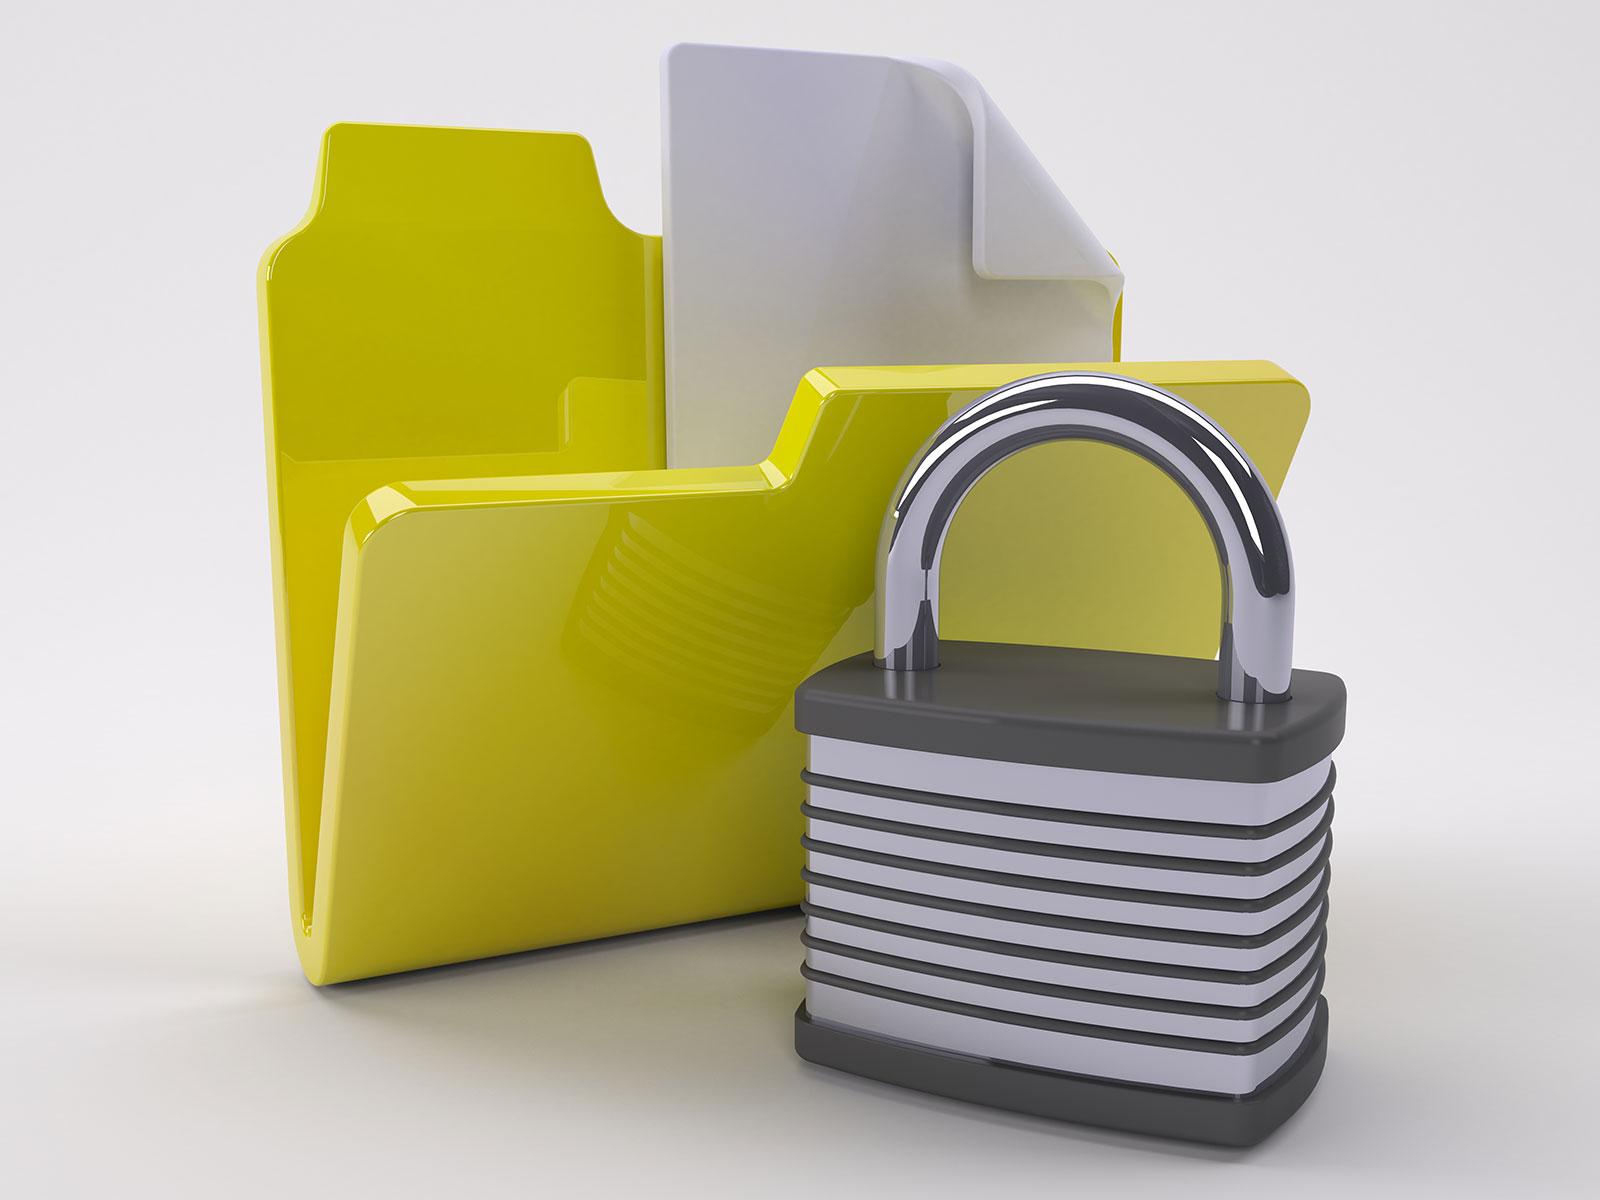 dossier jaune contenant un papier avec un cadenas au premier plan